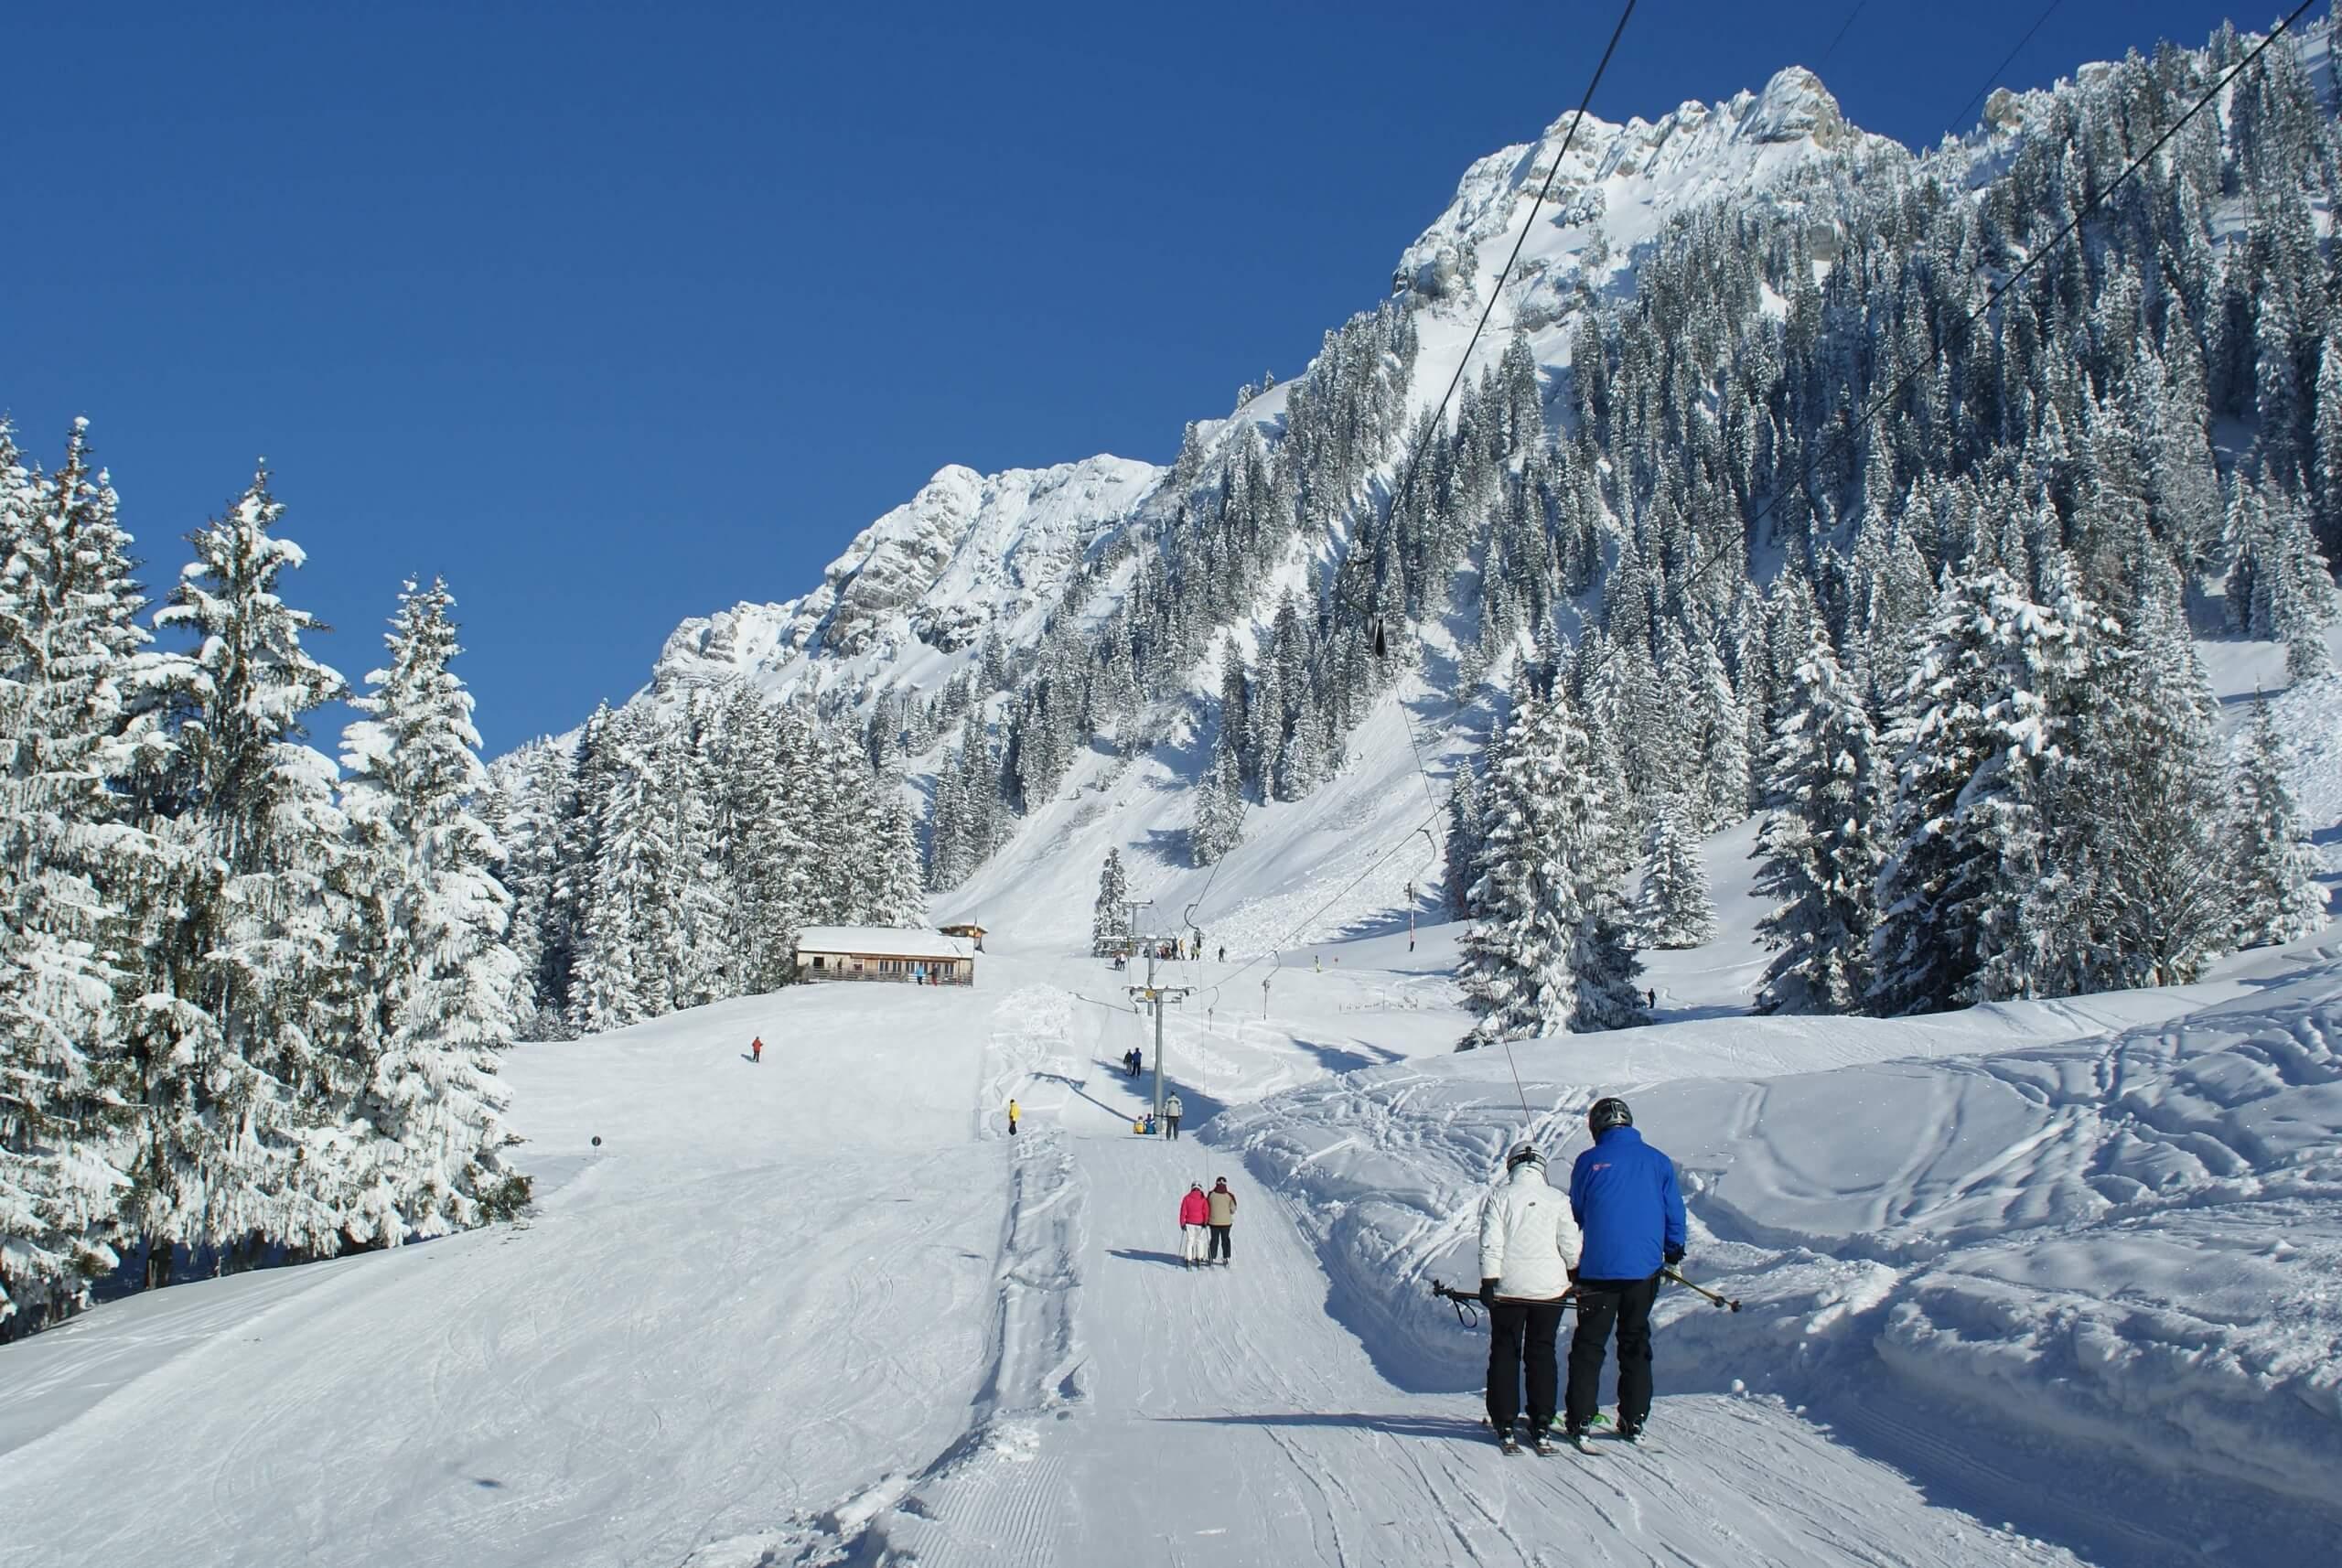 schwanden-bei-sigriswil-winter-schnee-skigebiet